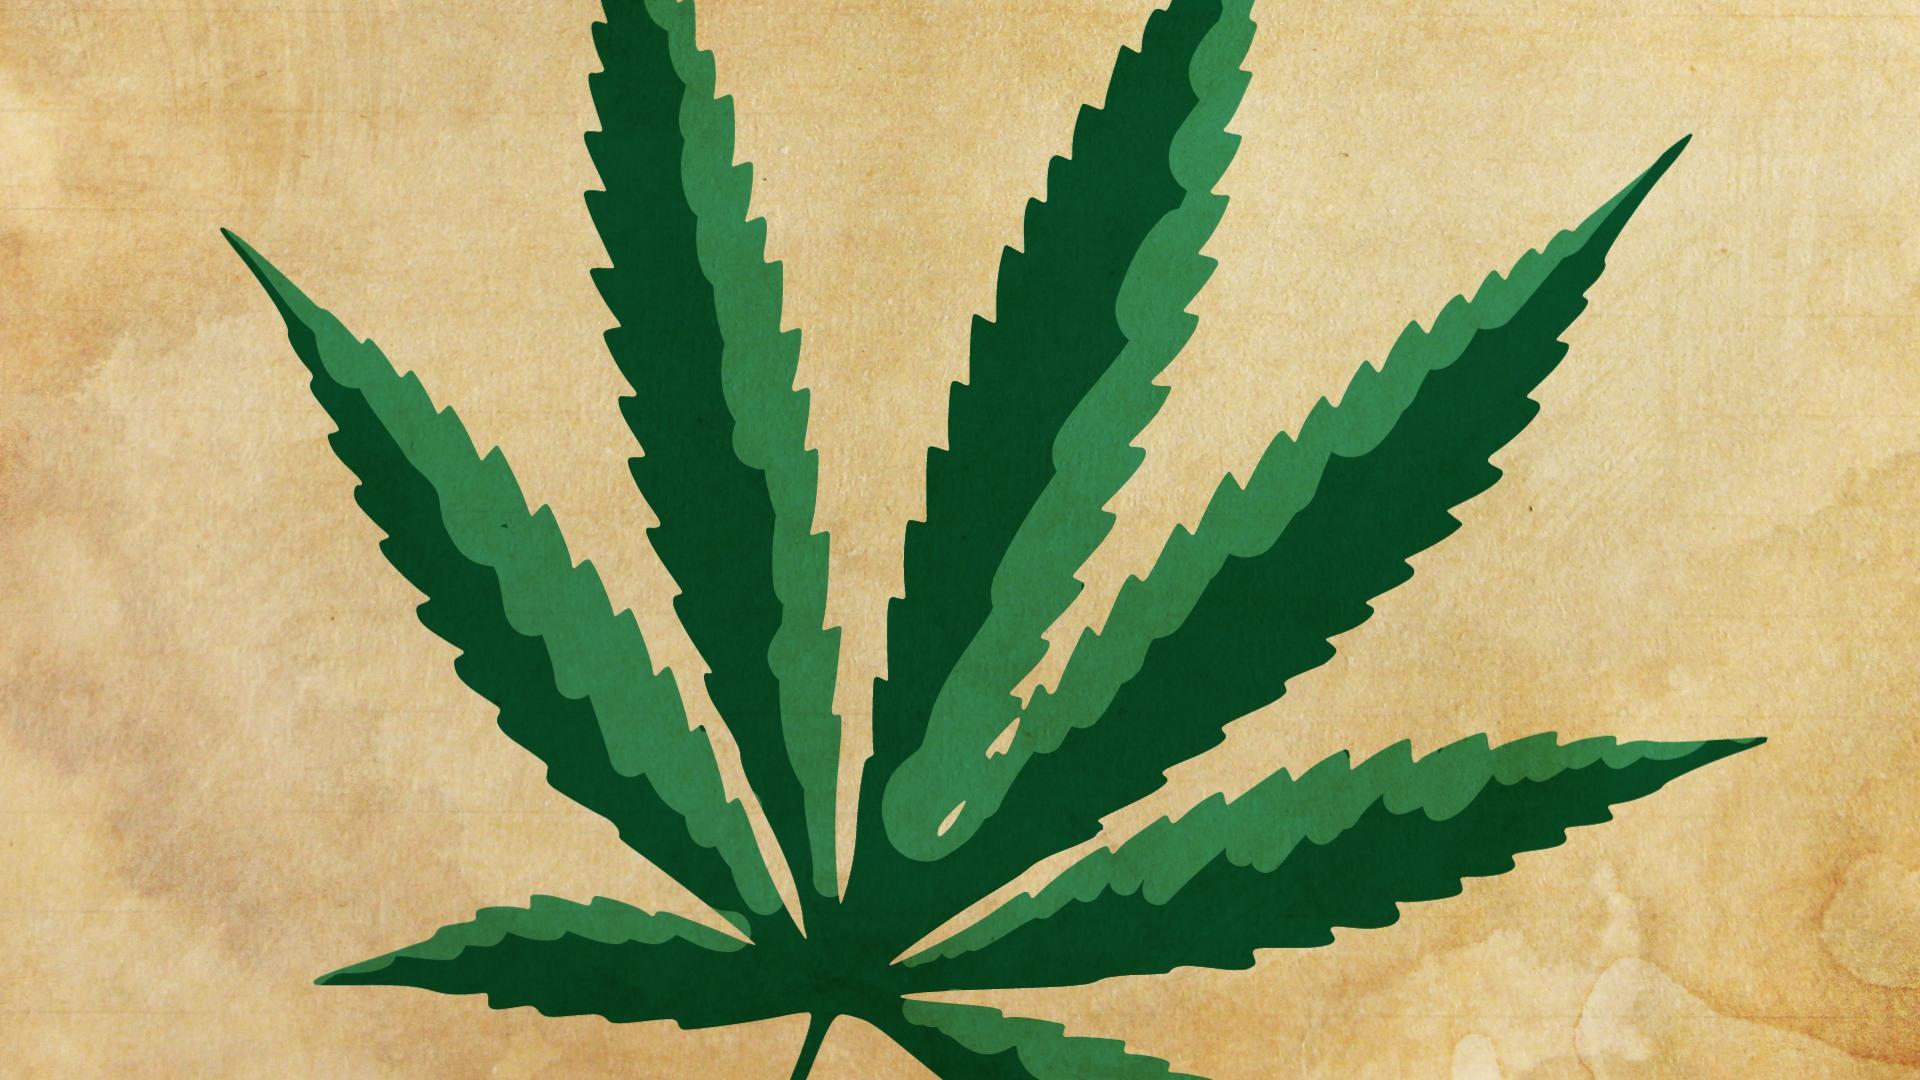 Marijuana rinvenuta in proprietà familiare: sussistenza del concorso di persone nel reato